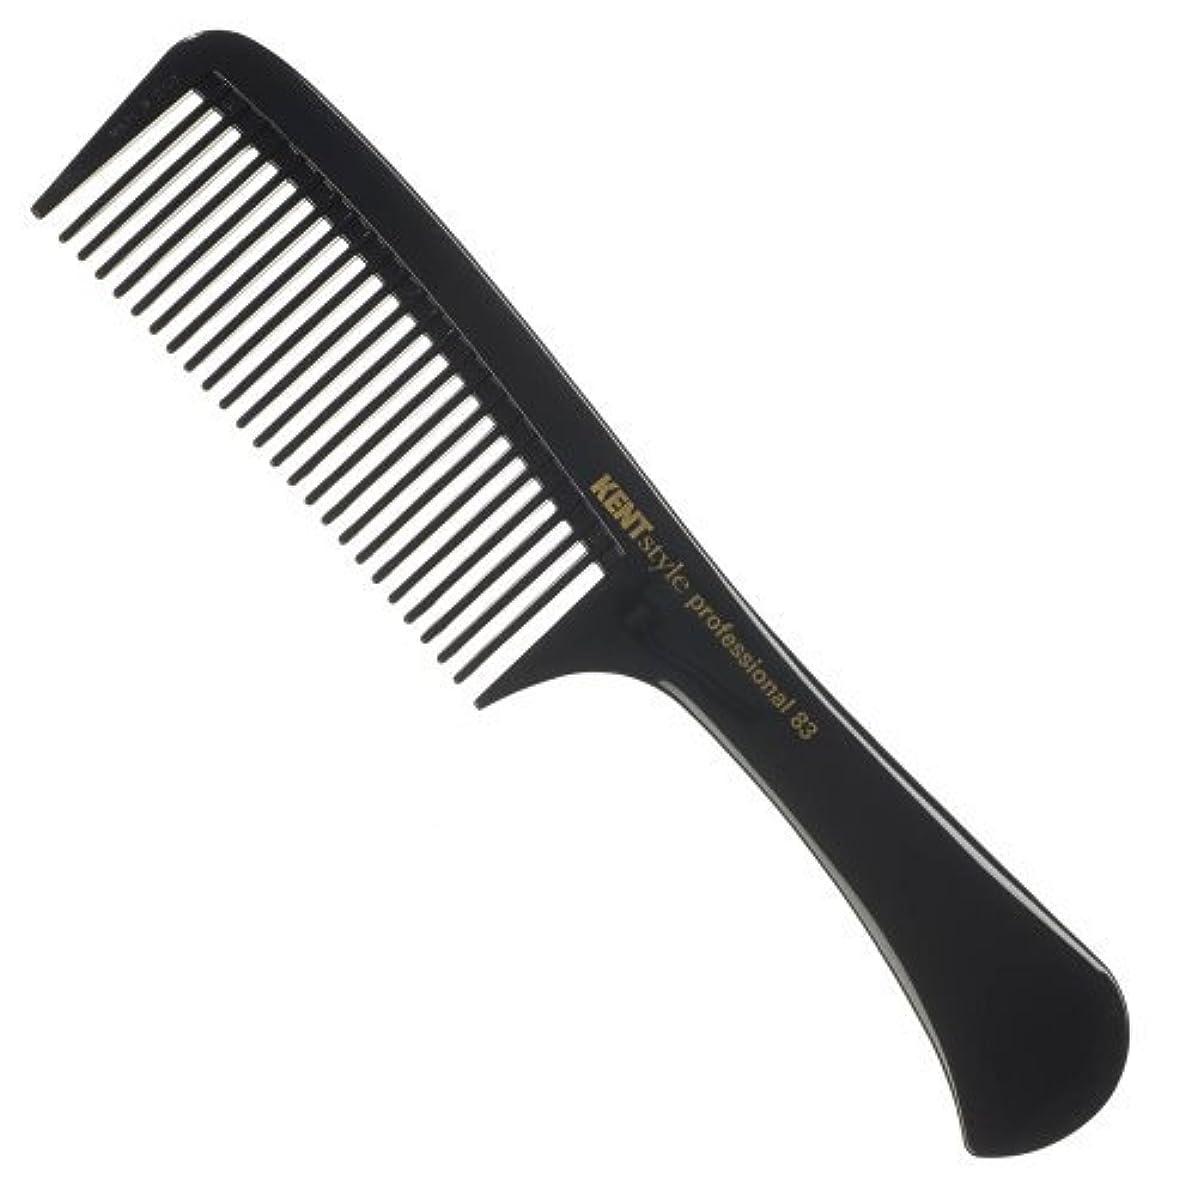 不完全一定バルセロナKent Style Professional Combs (Black) - Hard Rubber, Anti-static, Unbreakable & Heat Resistant - Salon & Barber...